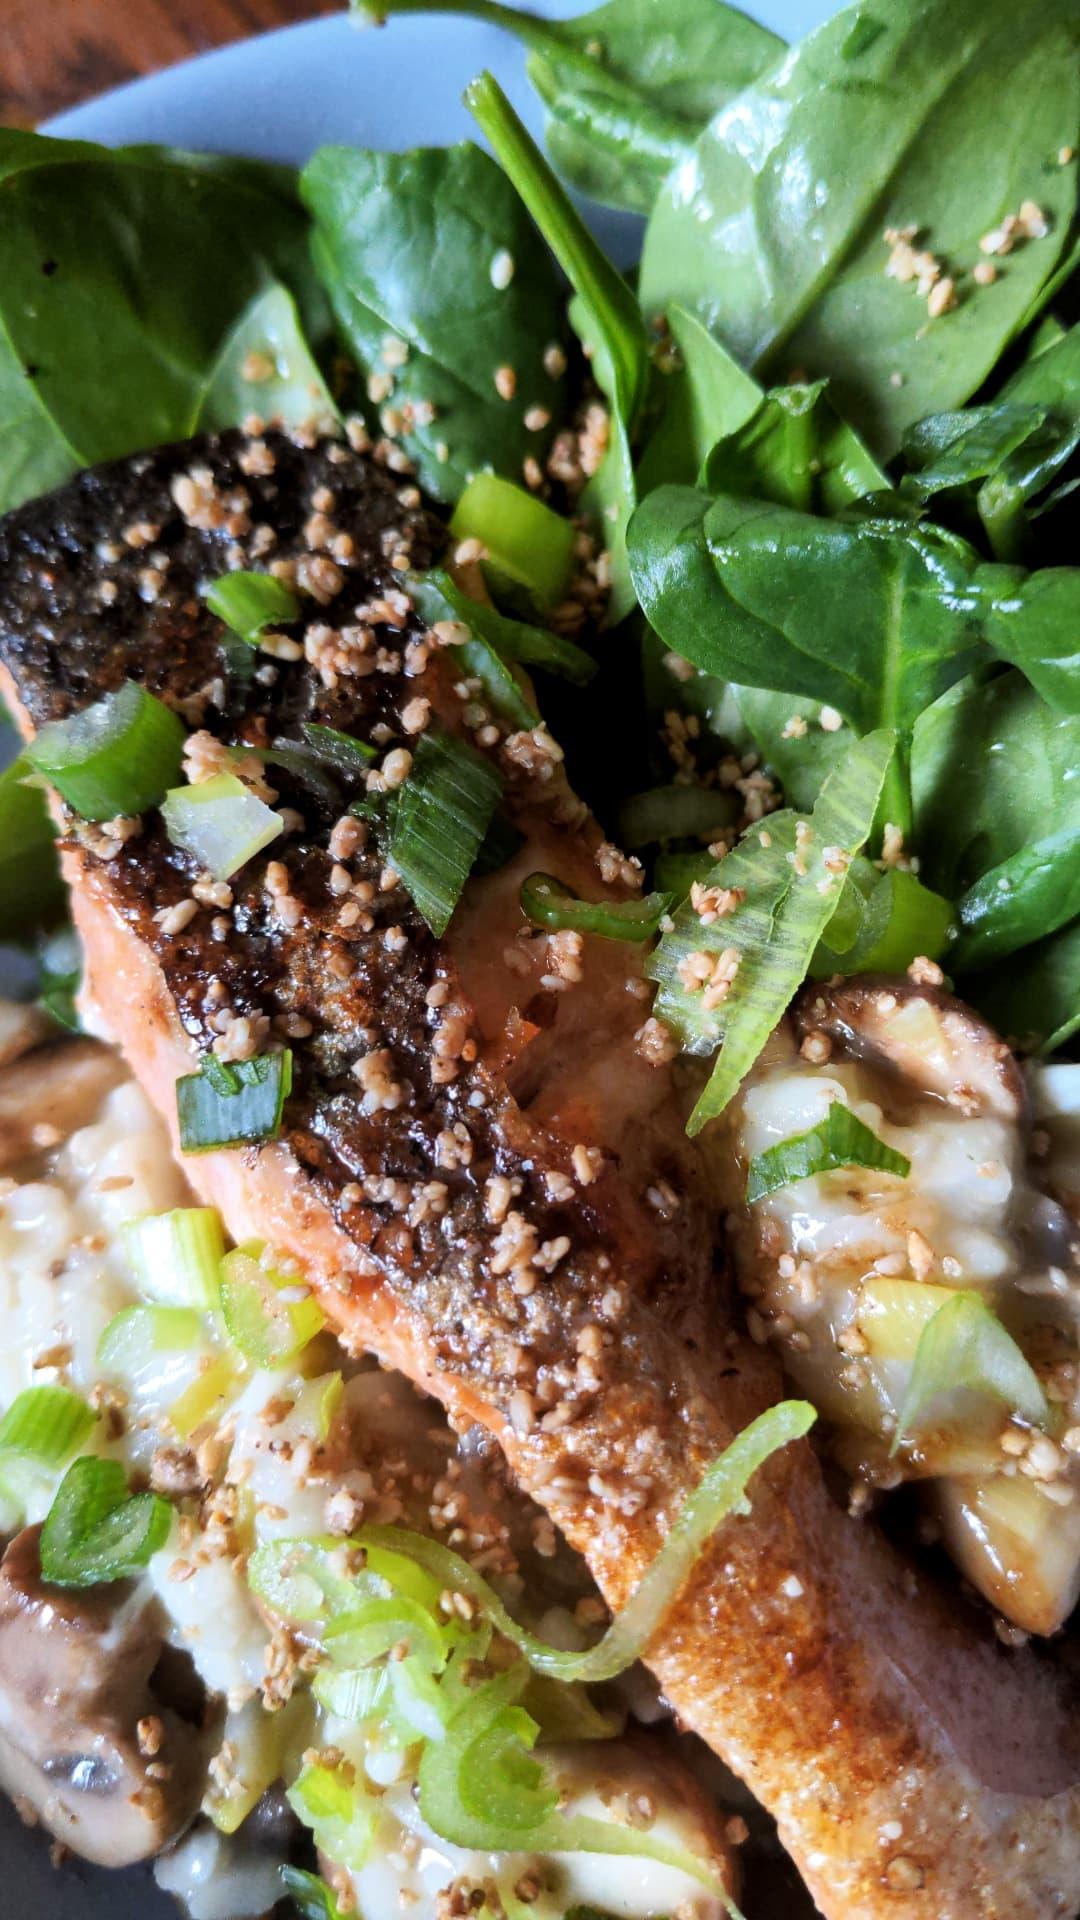 Saumon laqué & Risotto aux champignons. Salade d'épinards au gomasio et sésame